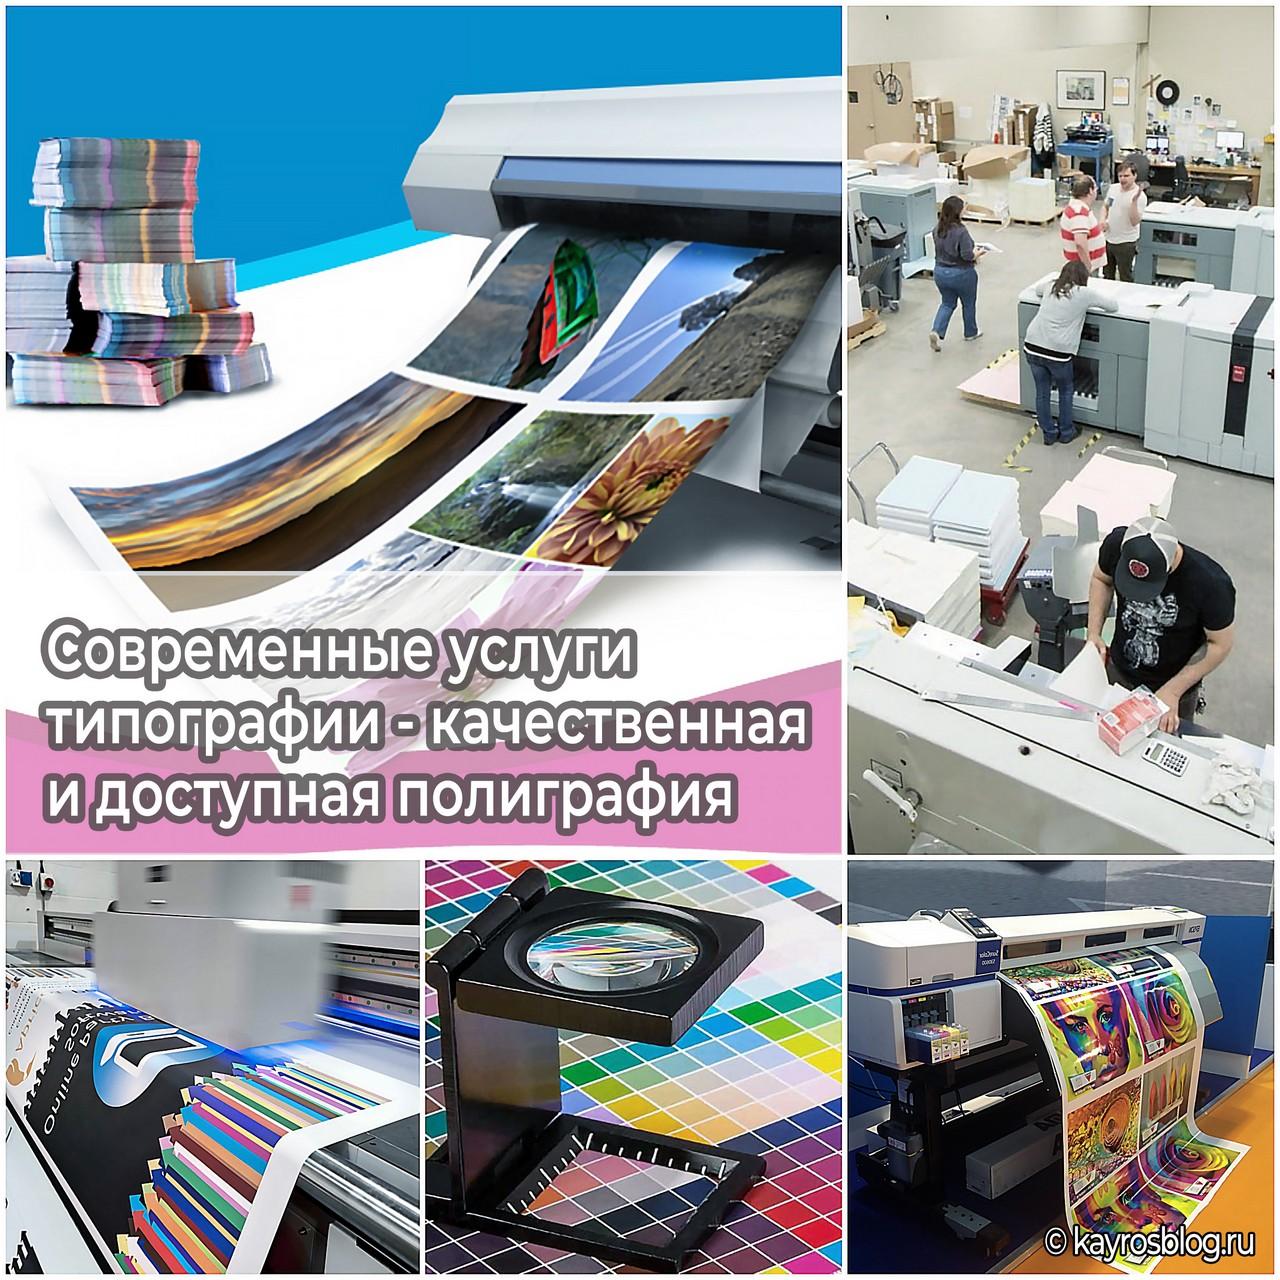 Современные услуги типографии - качественная и доступная полиграфия